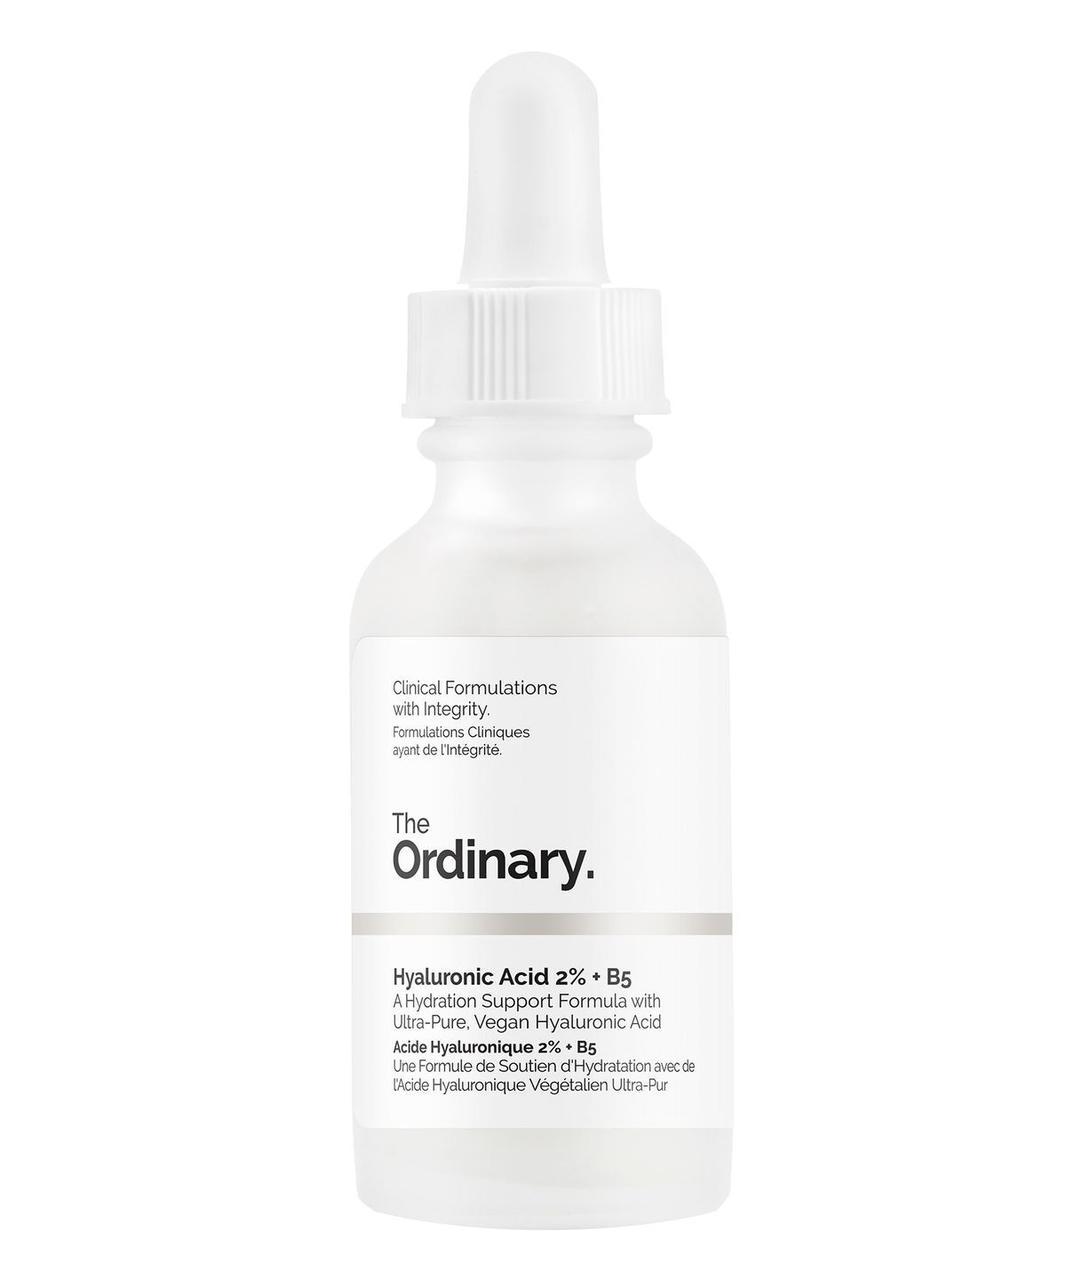 Сыворотка с гиалуроновой кислотой и витамином  B5, THE ORDINARY HYALURONIC ACID 2% + B5